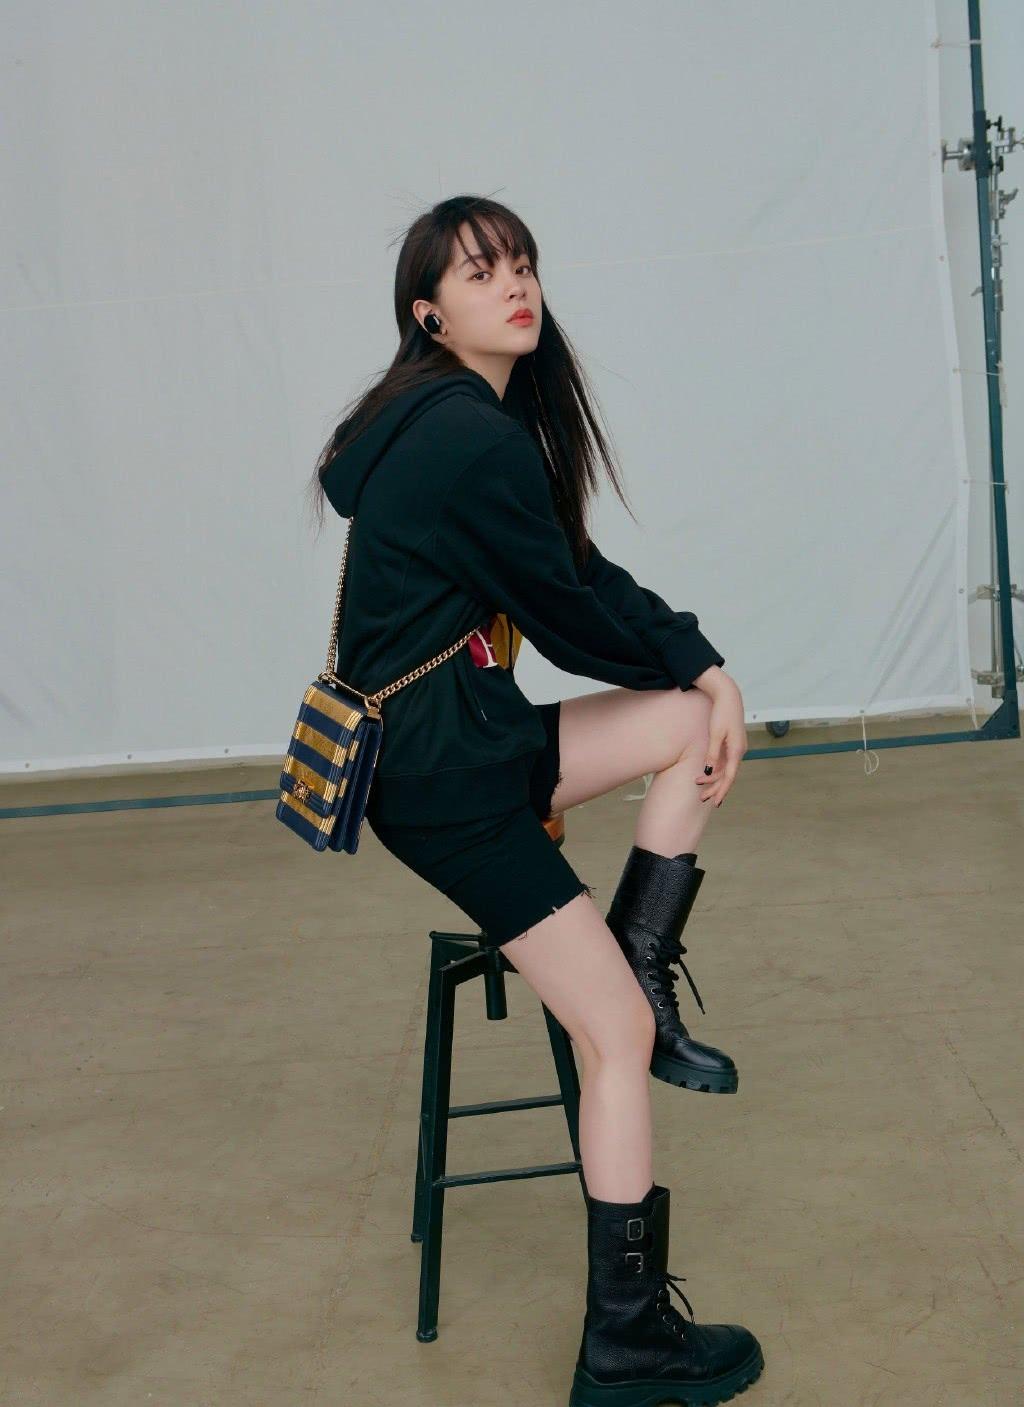 欧阳娜娜演技不行却很时髦,穿印花卫衣背3万8的包,酷毙了